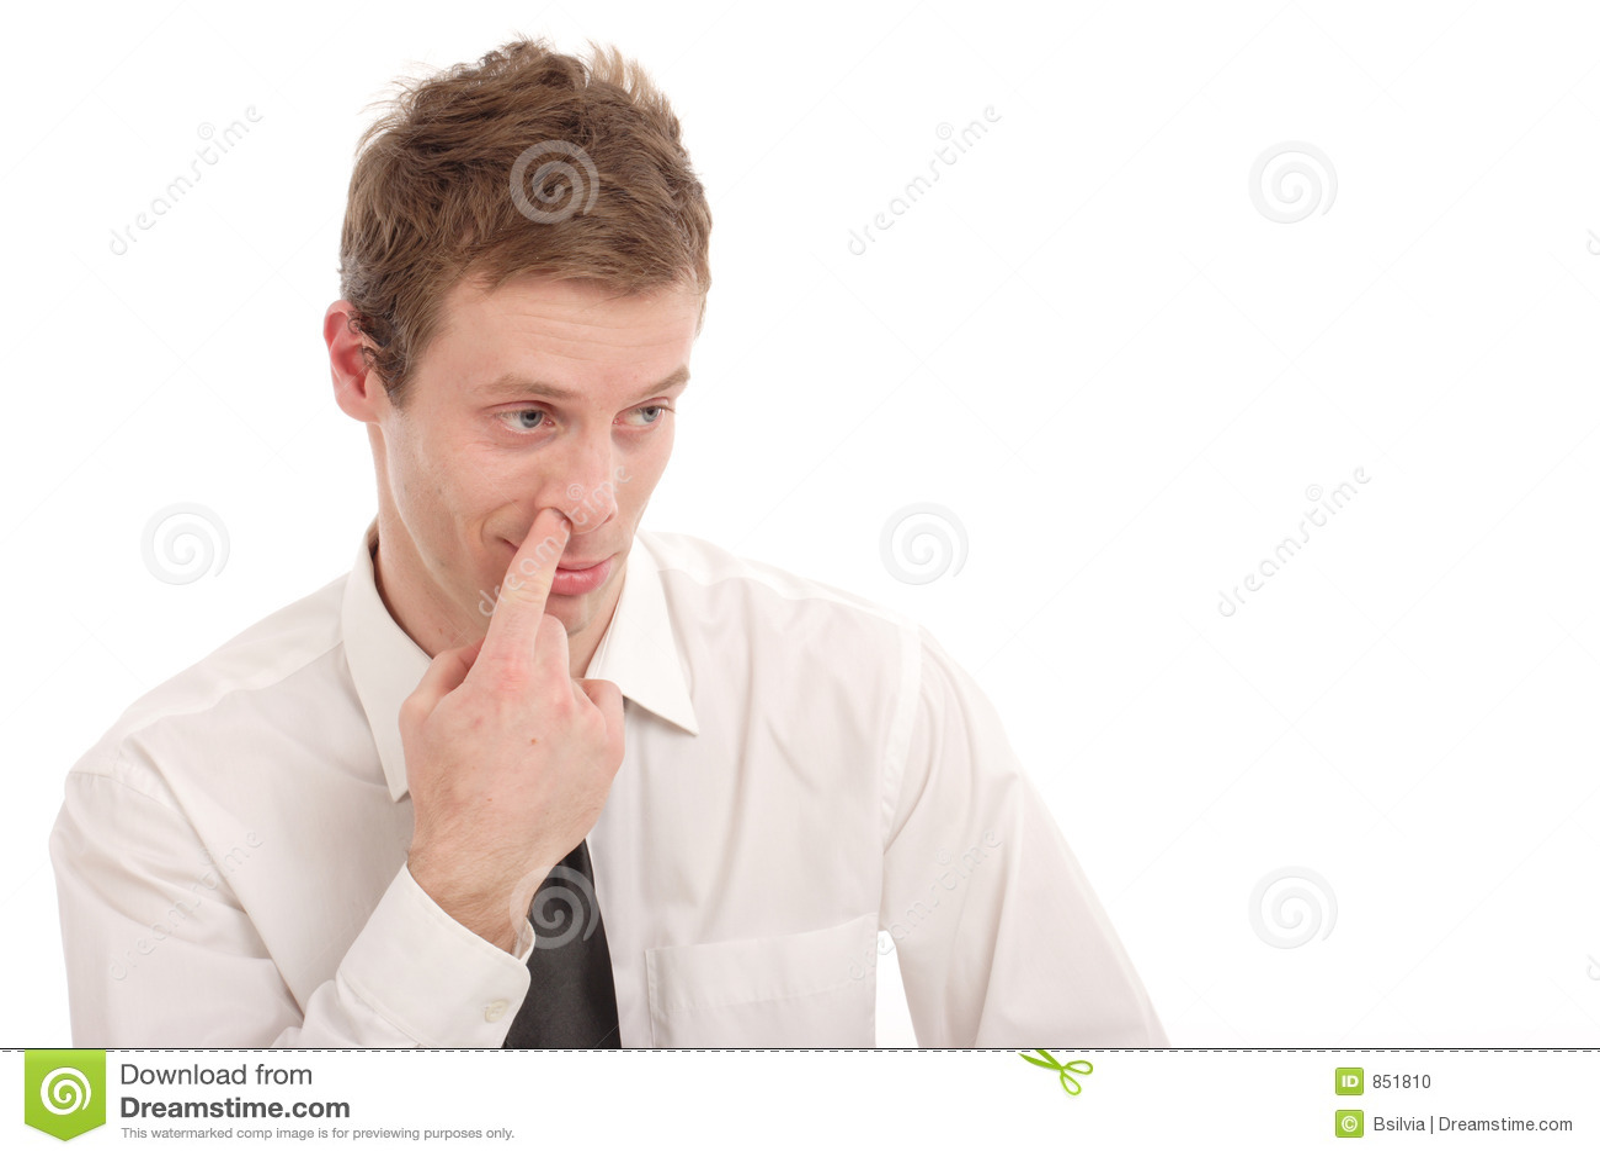 επιλογή μύτης